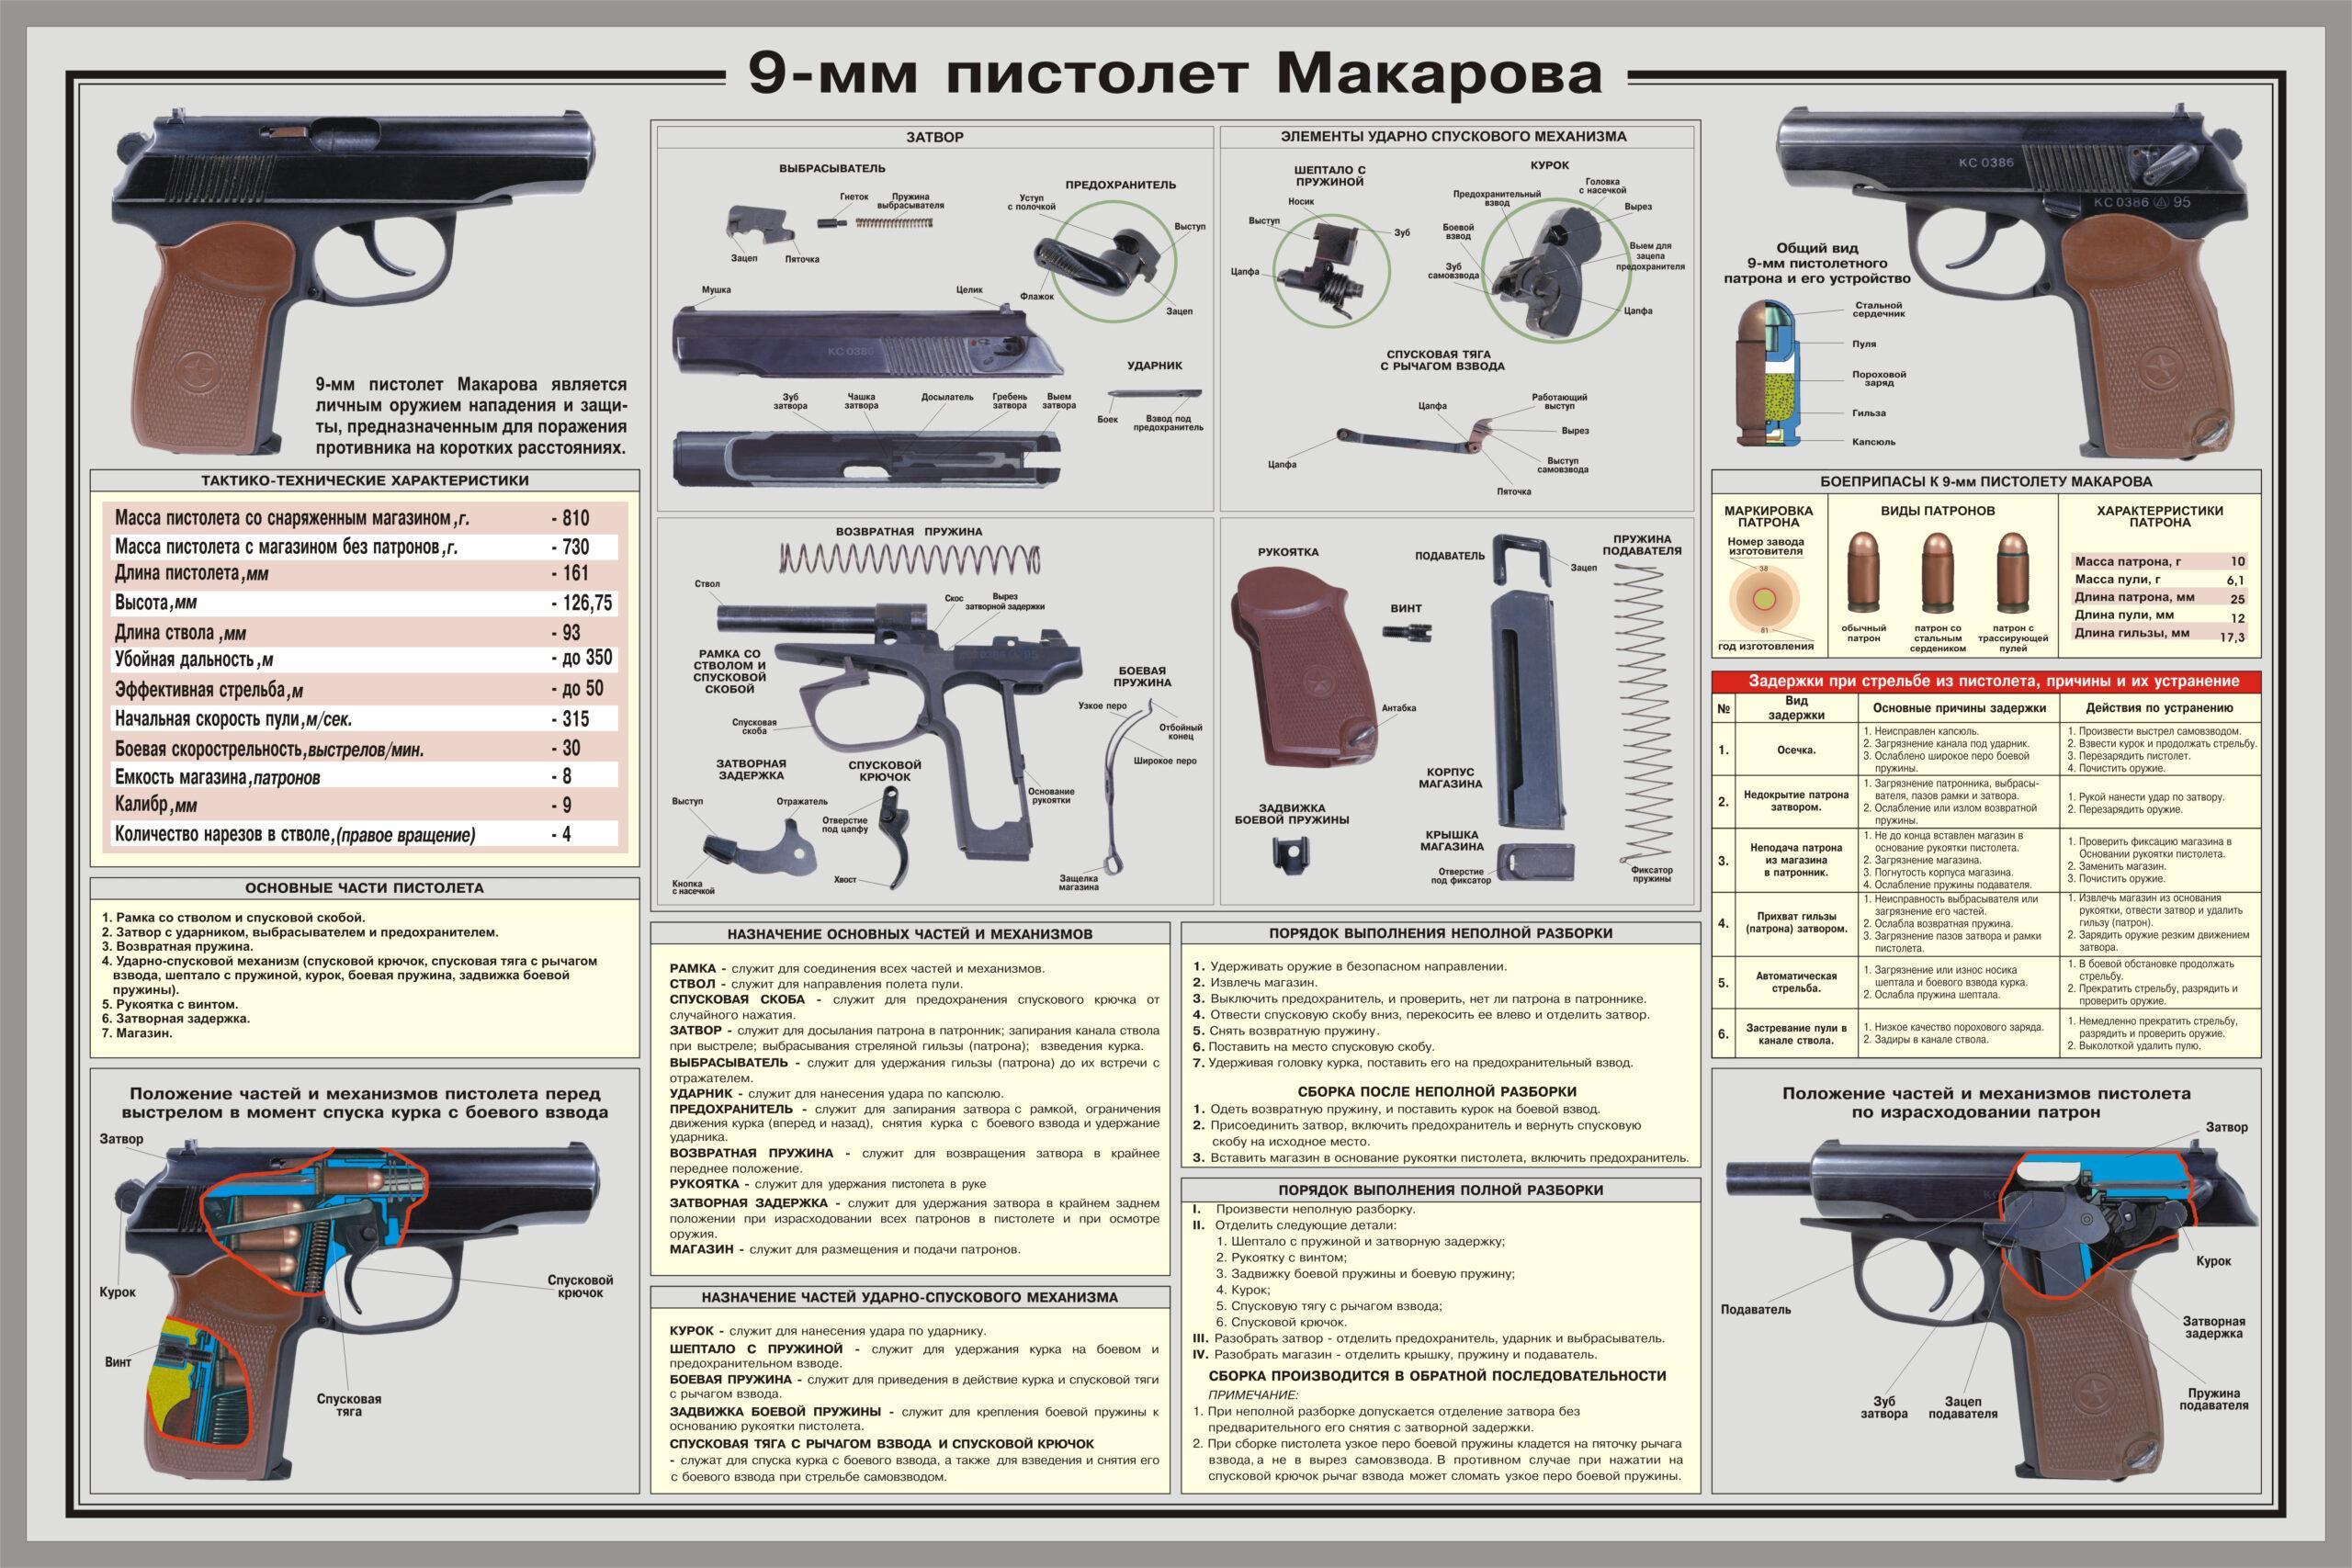 Устройство пистолета Макарова